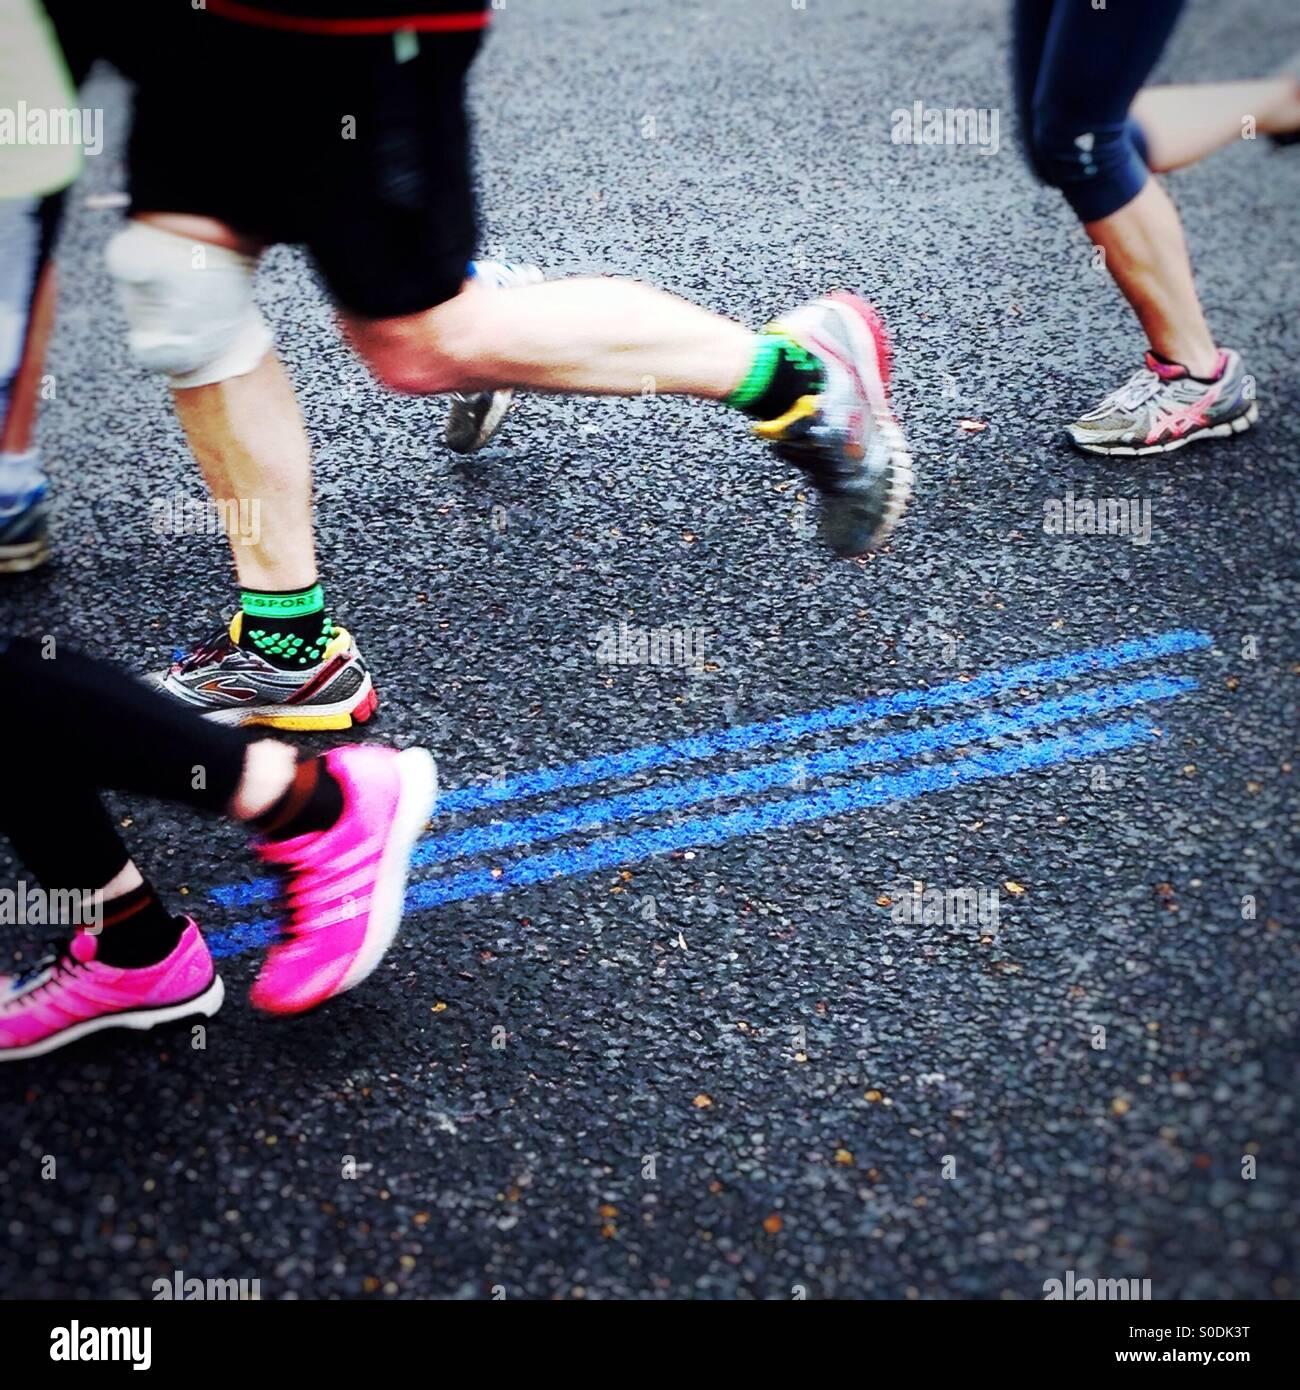 Siga la línea azul. Virgin Money Maratón de Londres 2015 Imagen De Stock